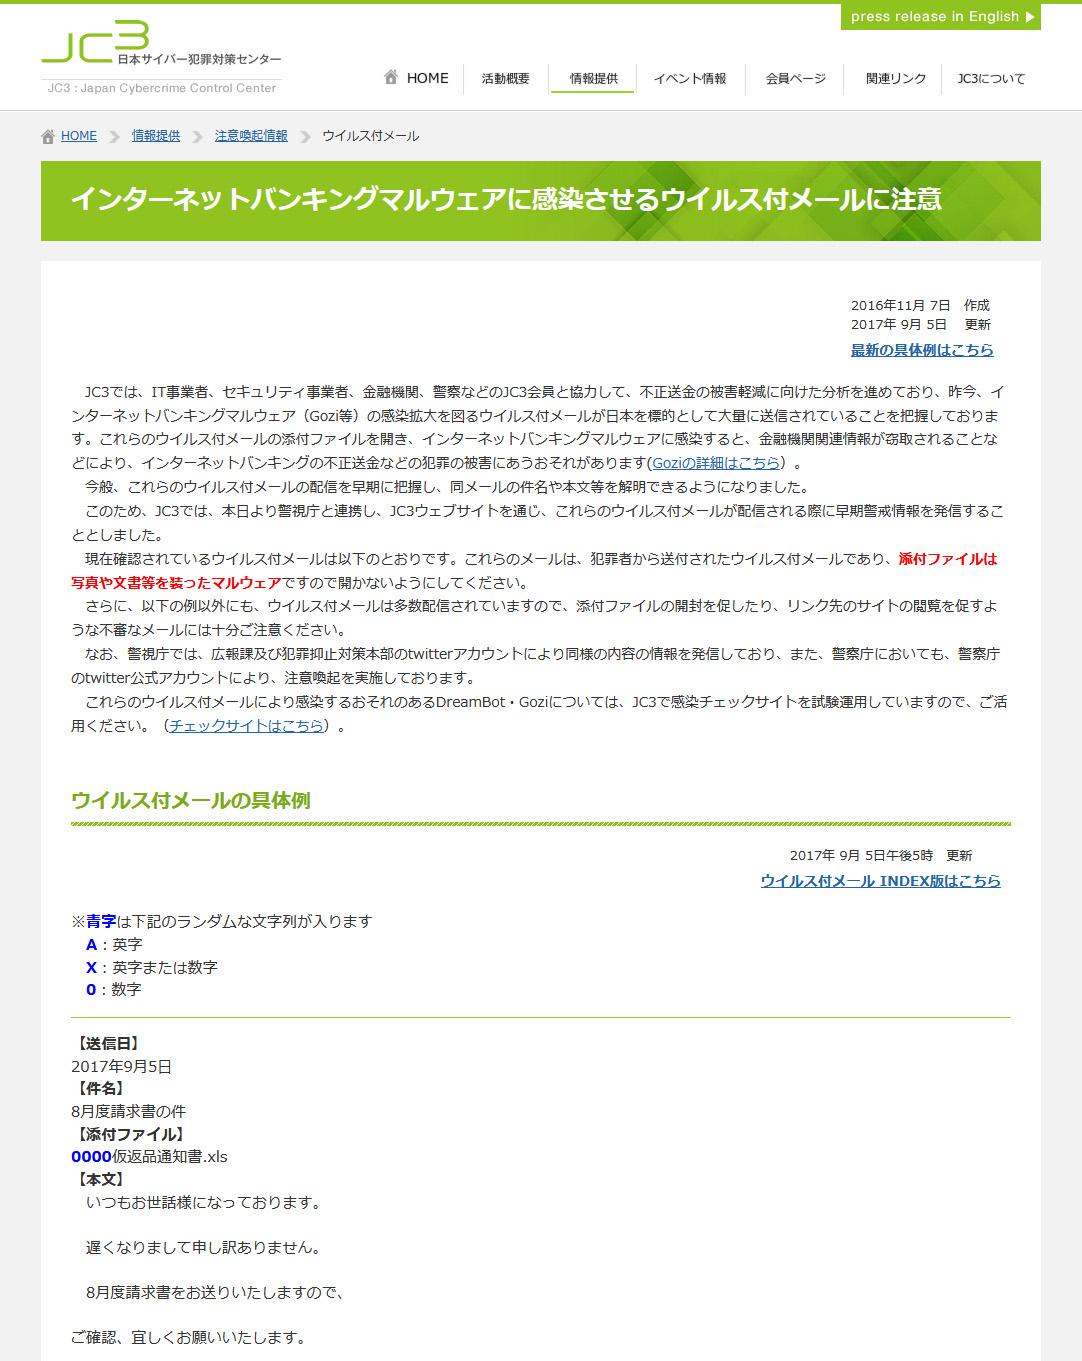 ウイルス付きメールの具体例をとりまとめている、JC3のウェブサイト(一部)。